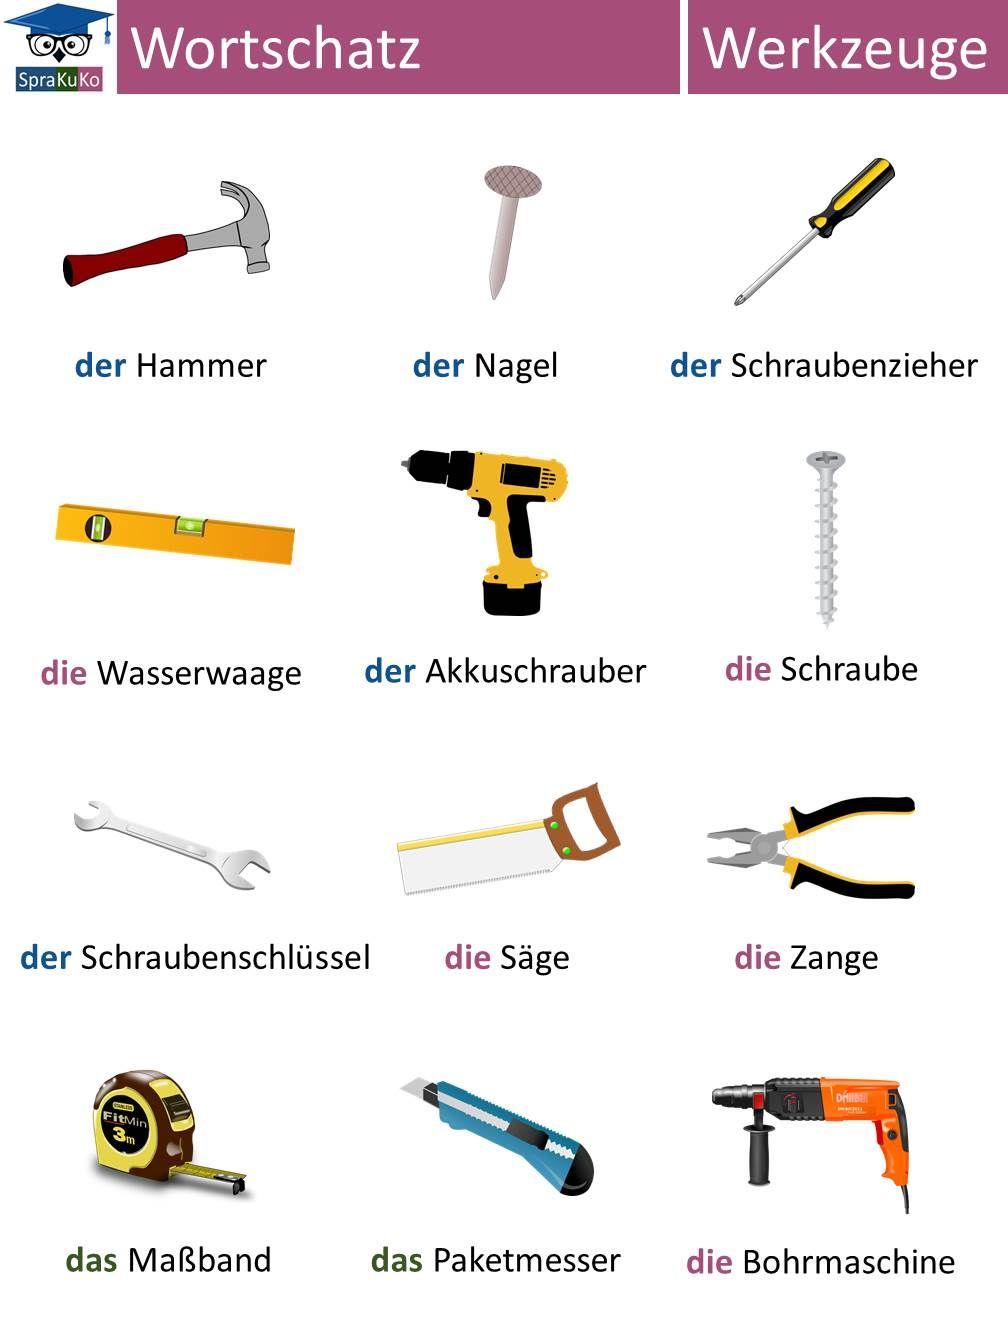 Deutsch lernen wortschatz werkzeuge logo deutsch for Von deutsch auf englisch